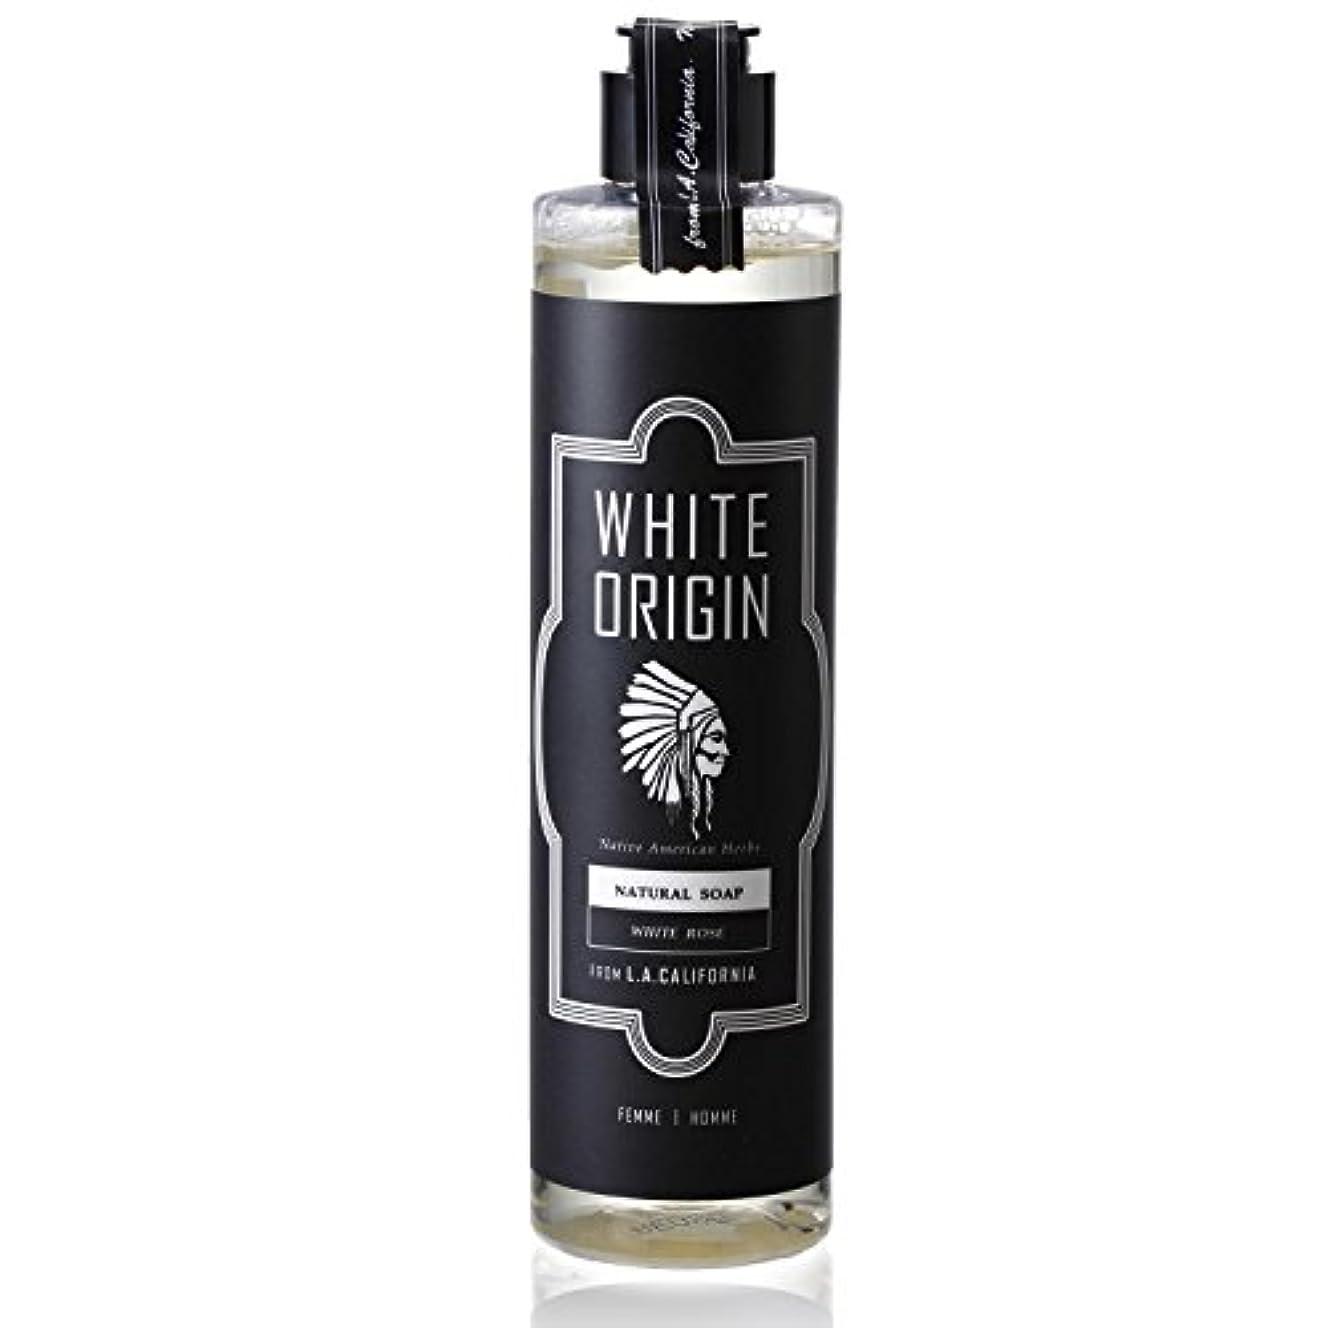 フレットユーモアバストWHITE ORIGIN ボディソープ 300ml 加齢臭 ケア オーガニック ナチュラル 男前 乾燥 ホワイトローズ